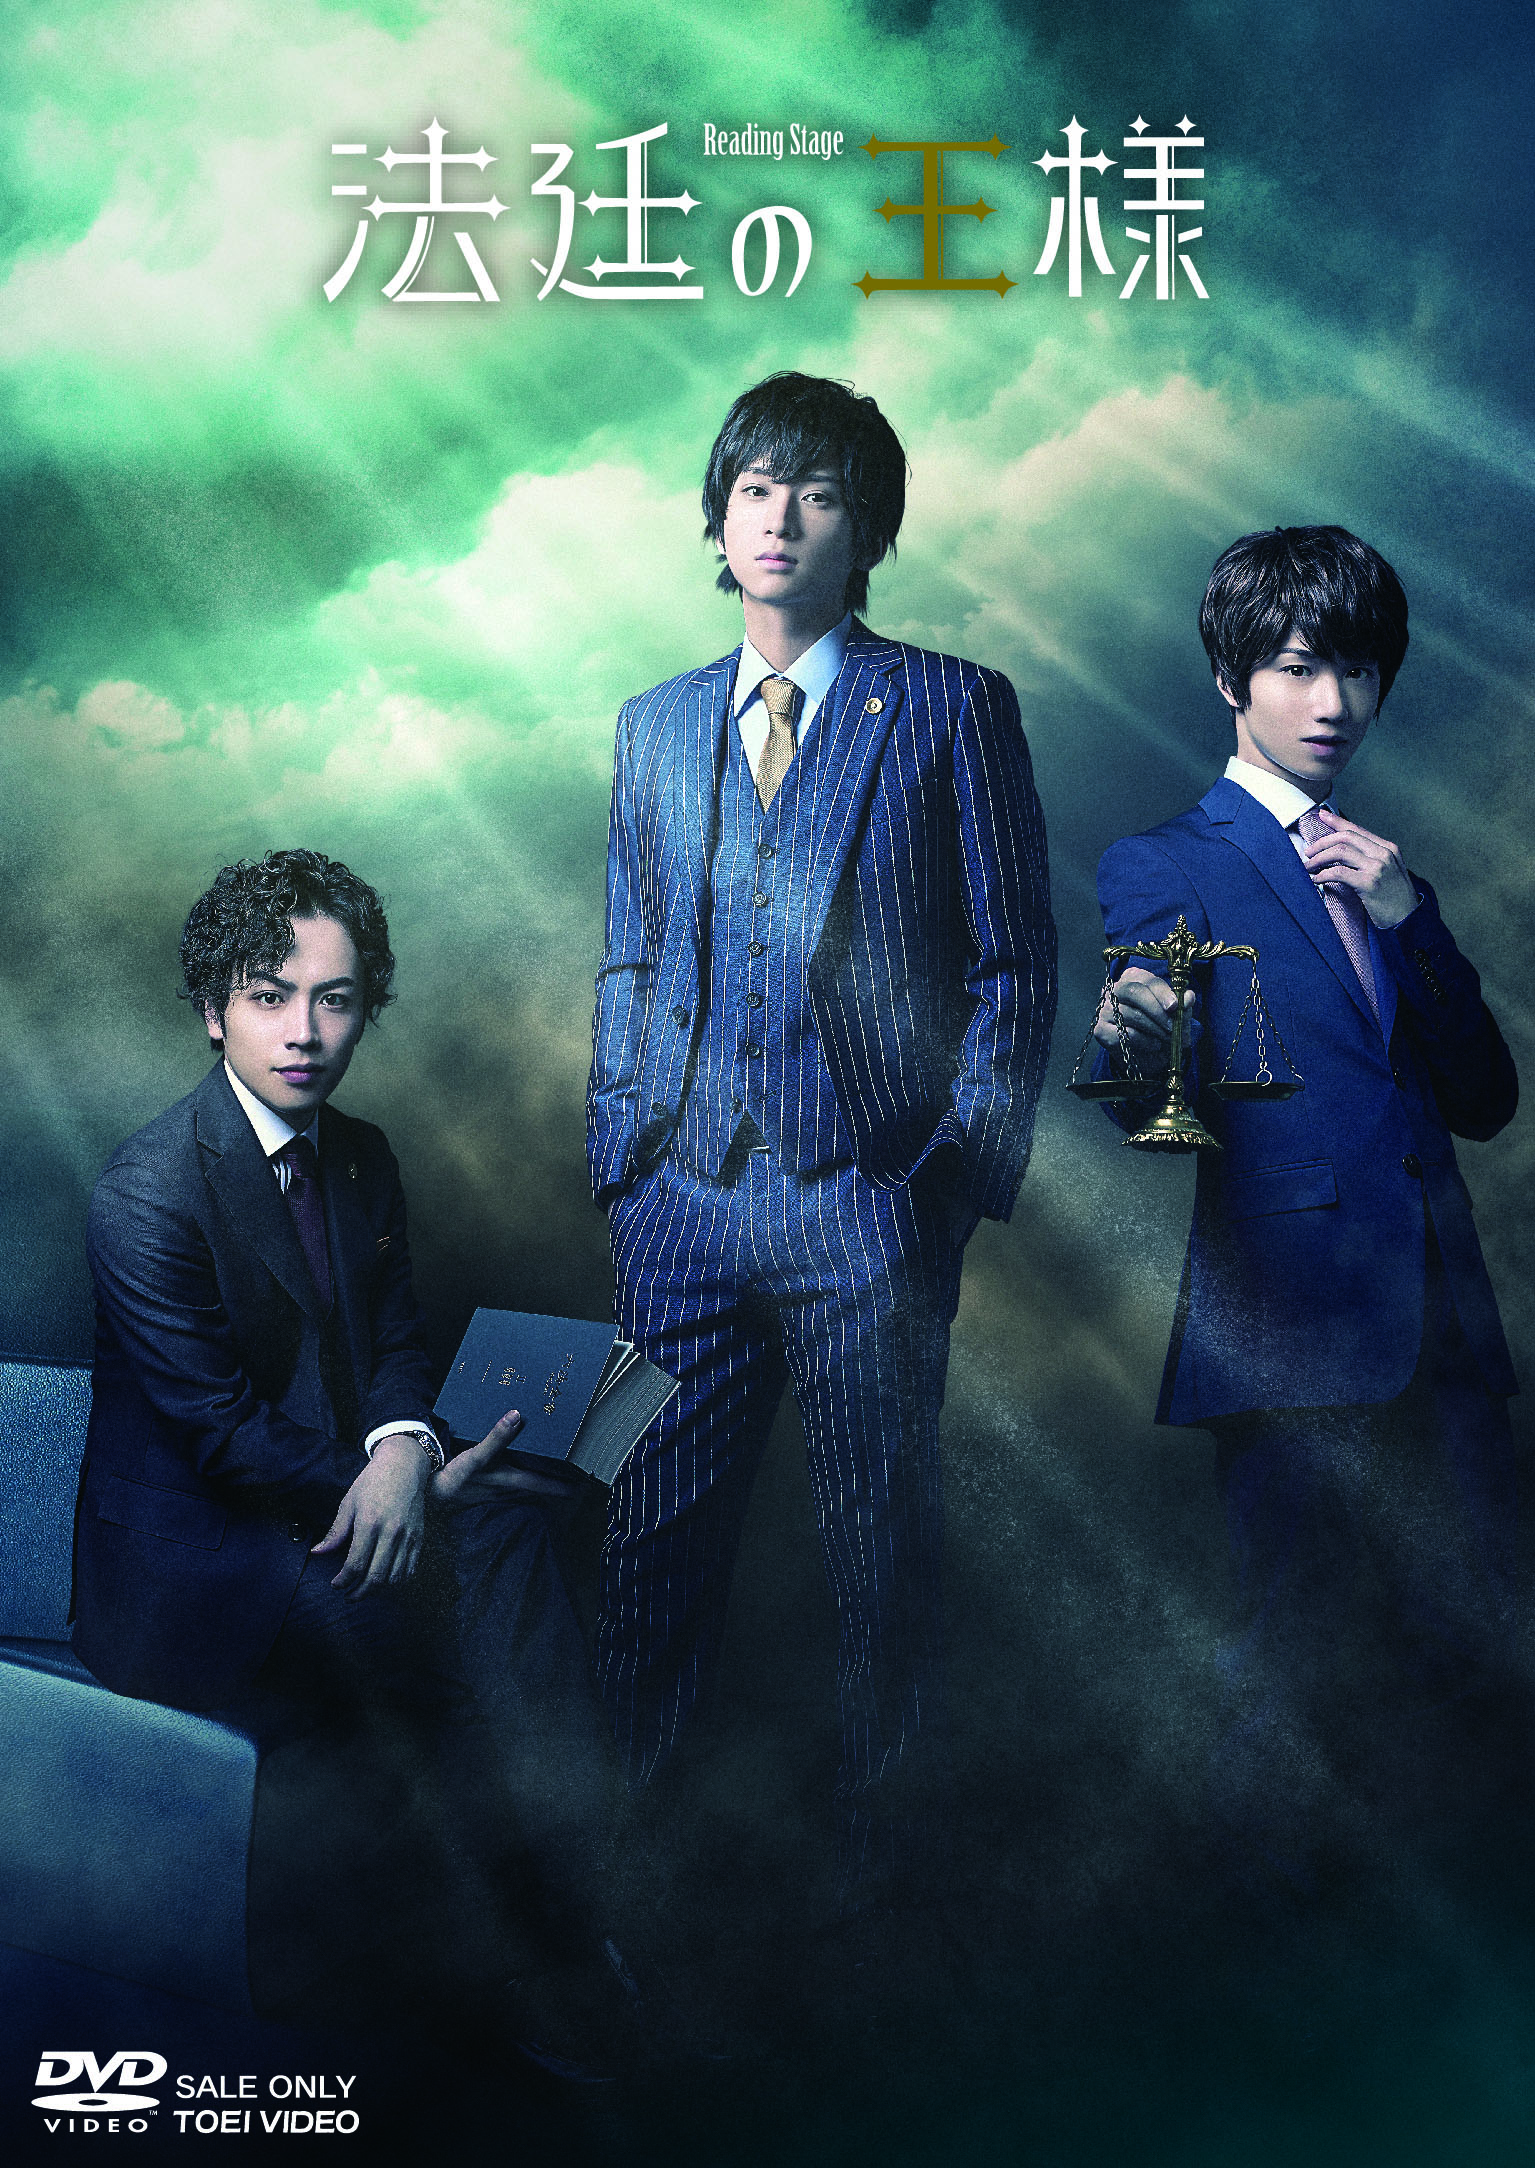 【DVD】リーディングステージ「法廷の王様」限定予約版(オリジナル特典付き)